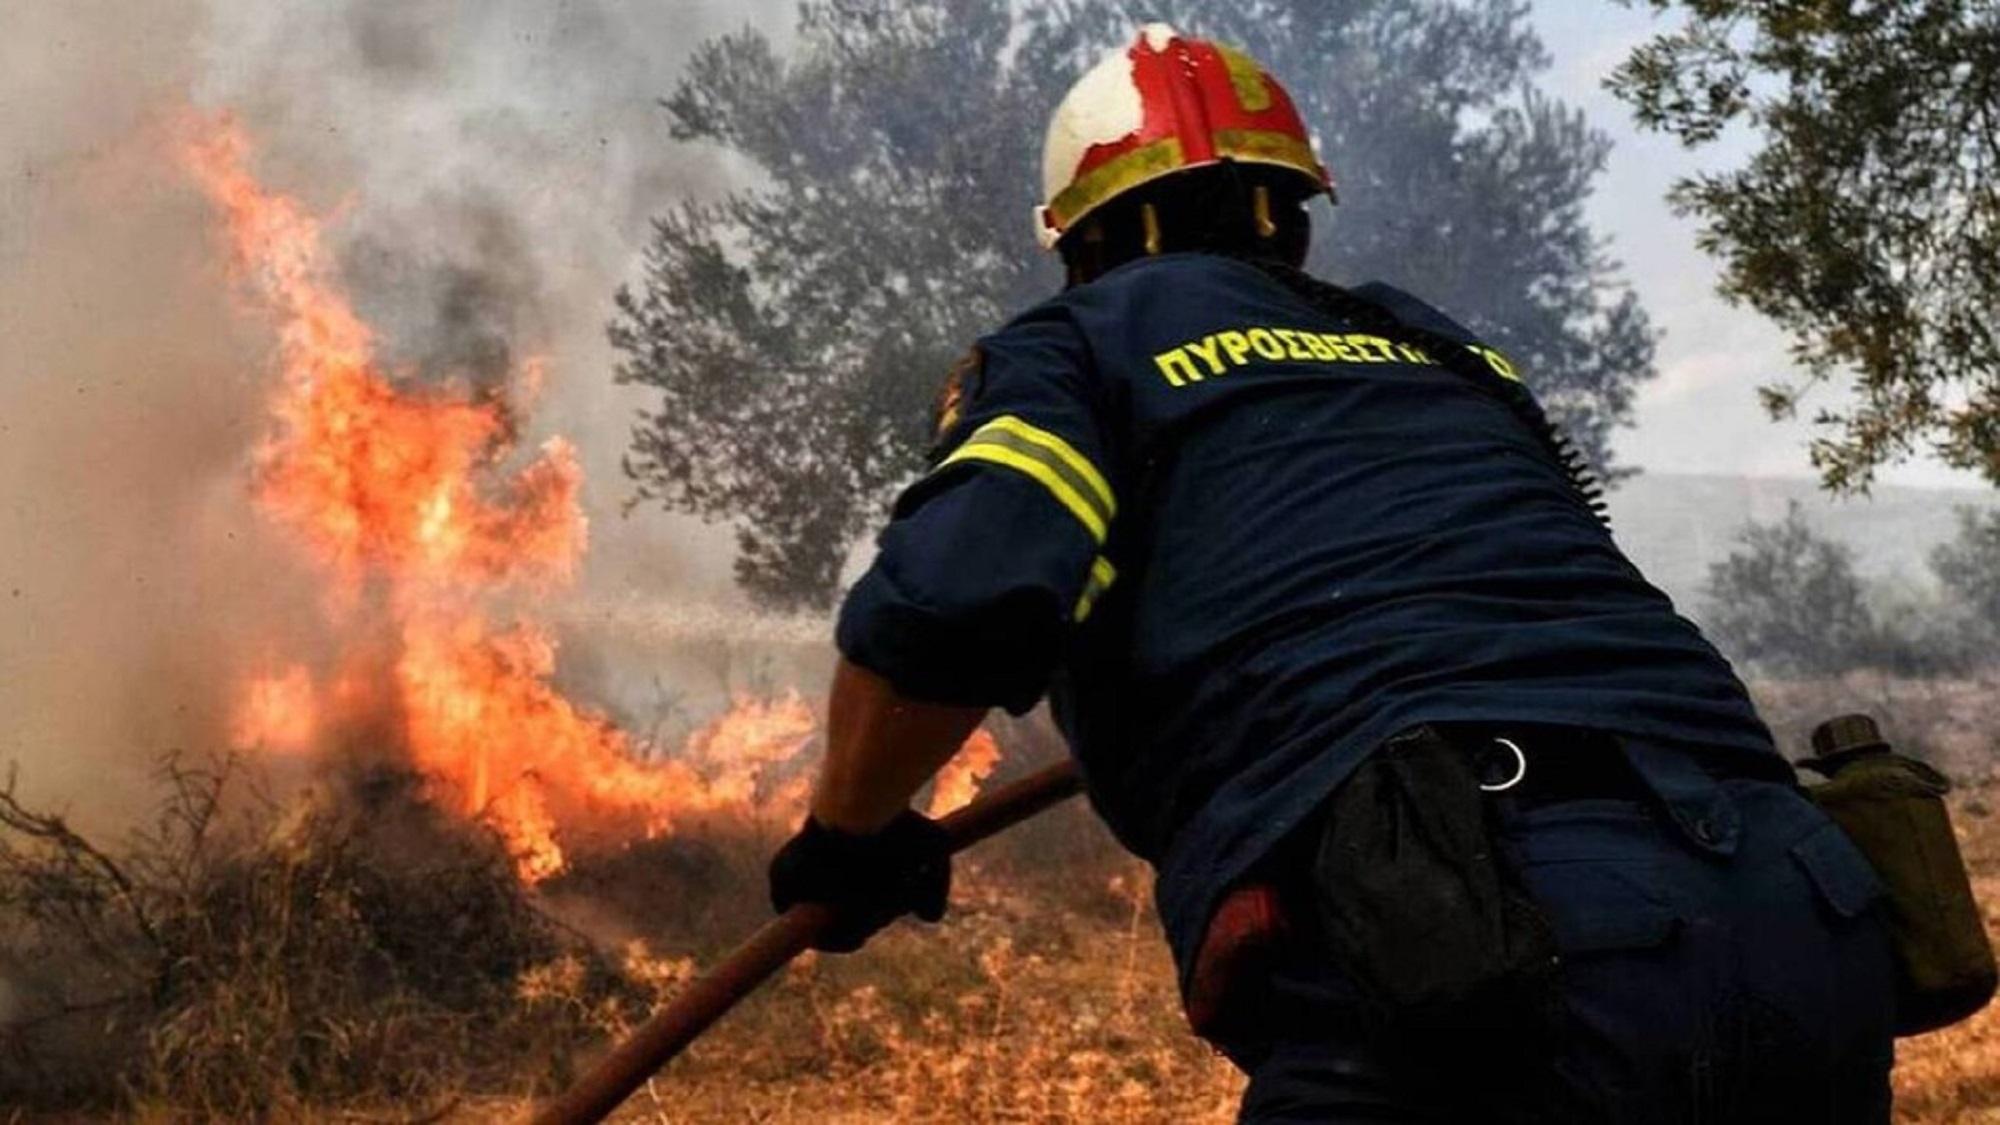 Σάμος: Συναγερμός για φωτιά στο παλιό ΚΥΤ – Εκκενώθηκε η δομή μεταναστών